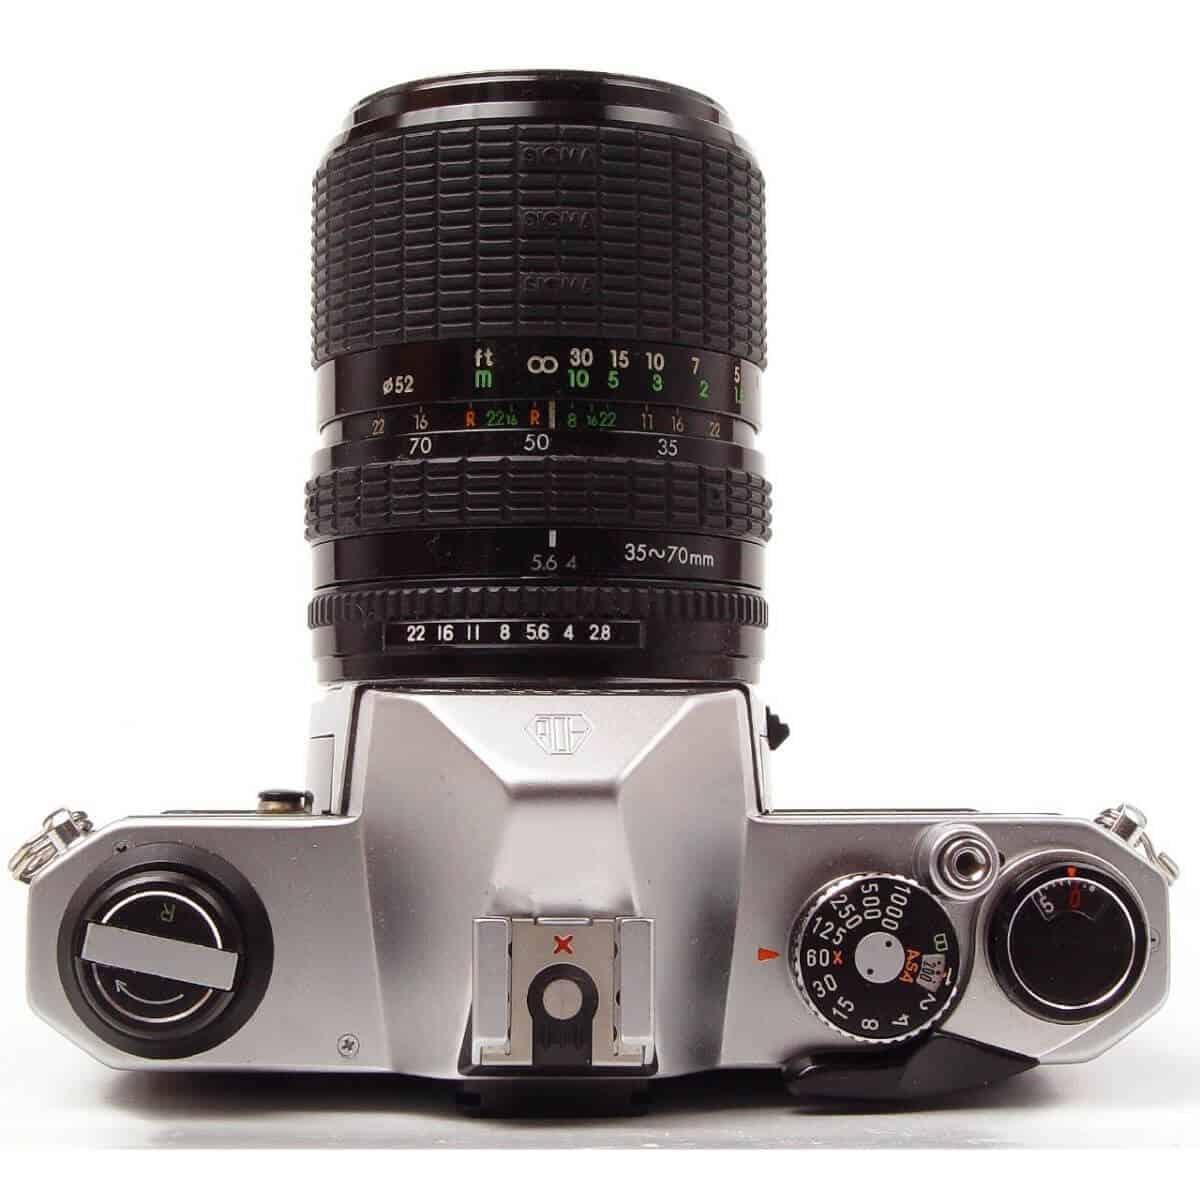 Pentax K1000 camera.